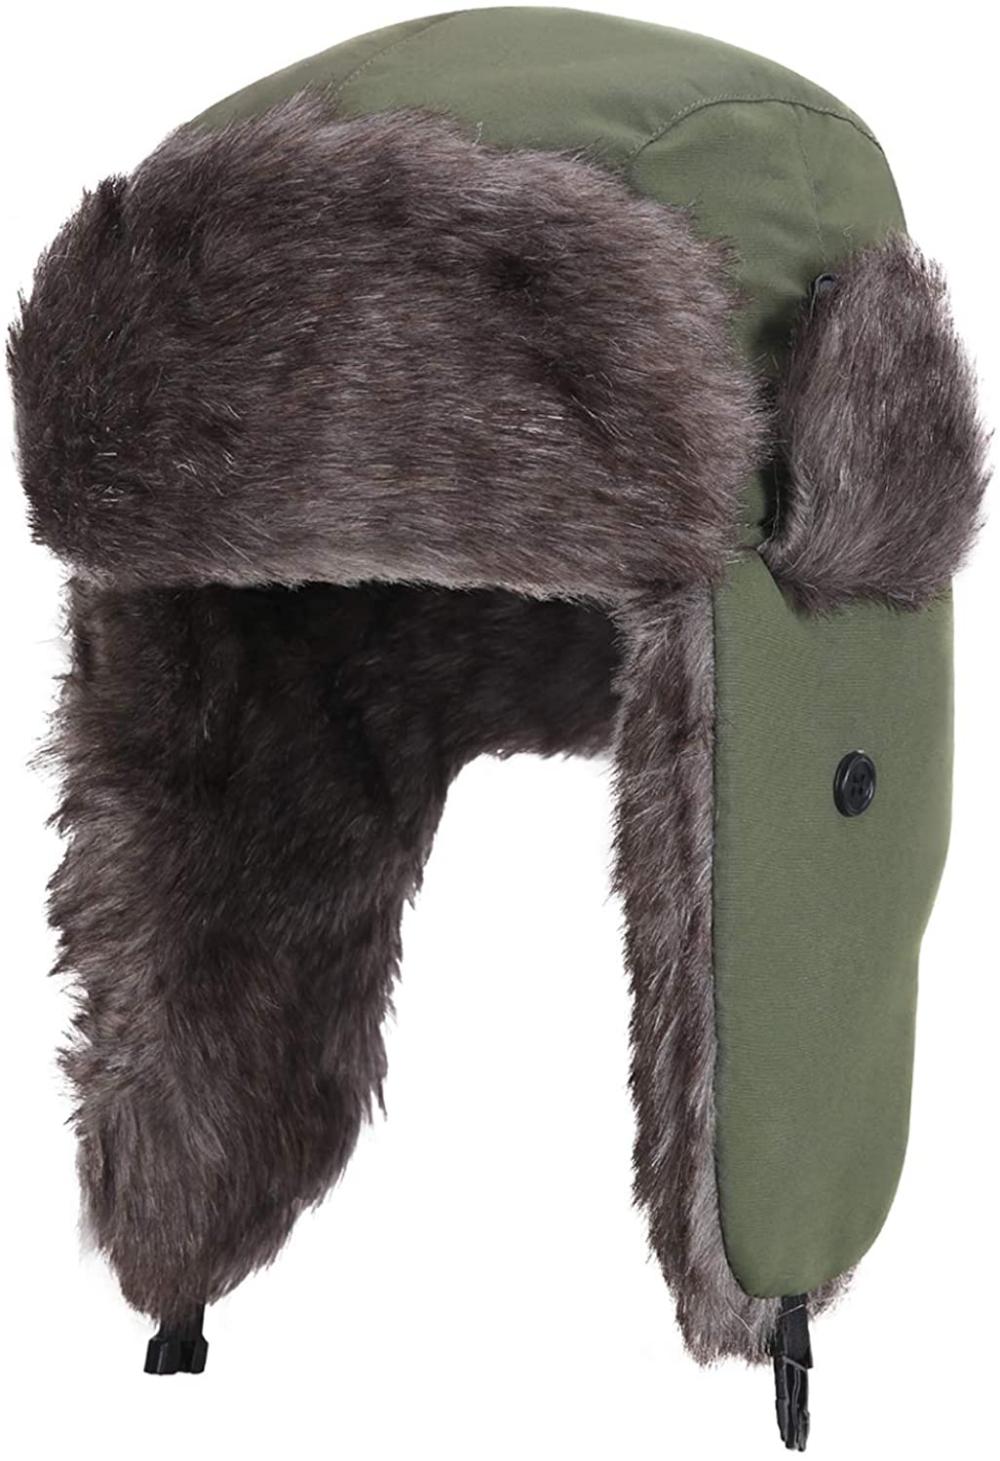 Amazonsmile Yesurprise Trapper Warm Russian Trooper Fur Earflap Winter Skiing Warm Hat Cap Women Men Unisex Windproof Army Trapper Hats Winter Hats Warm Hat